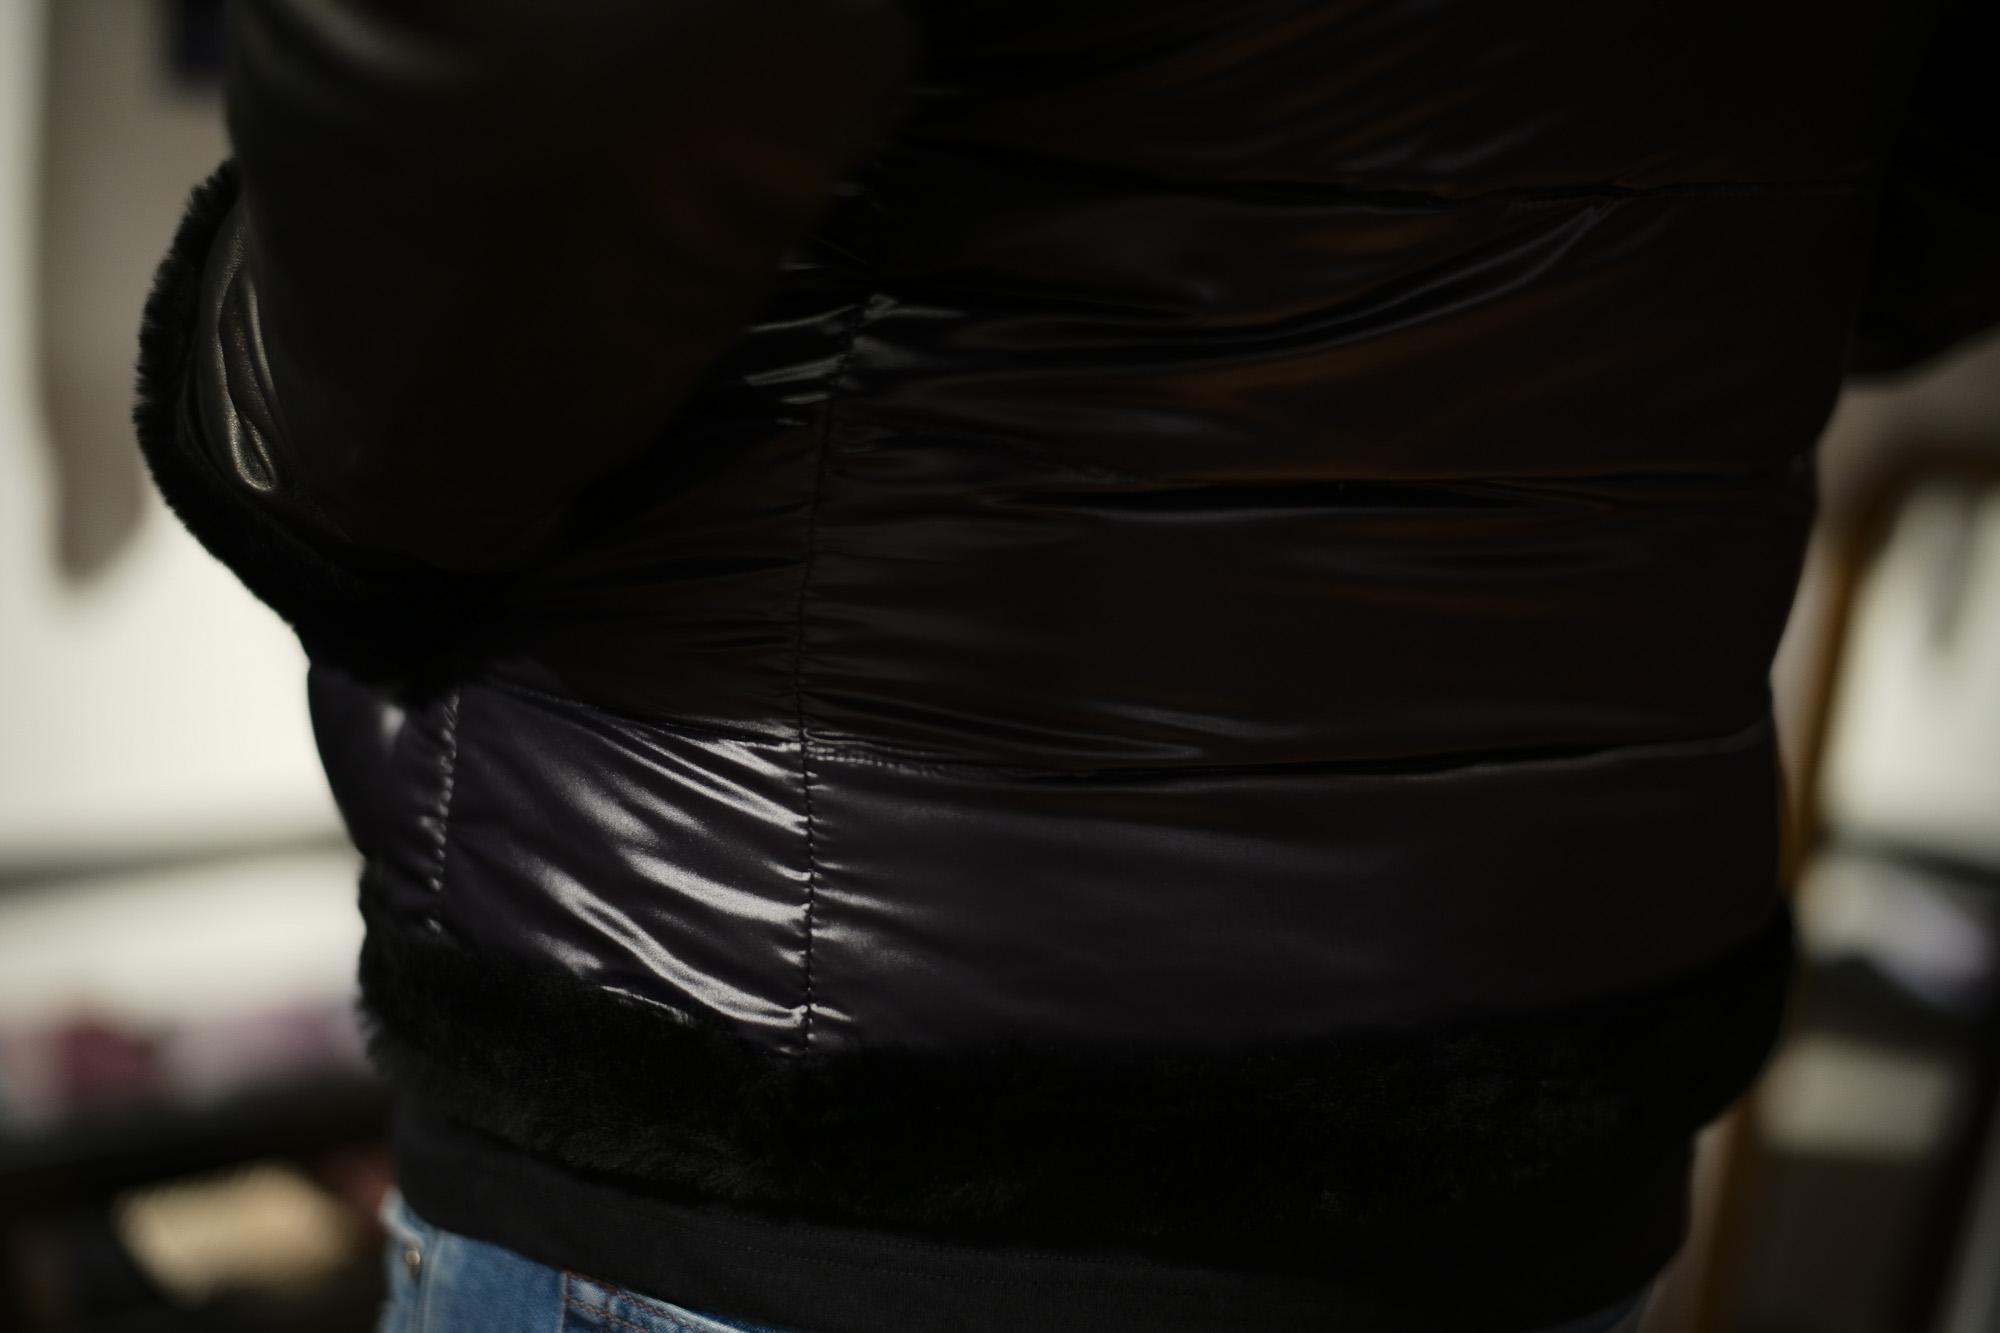 EMMETI (エンメティ) FERNANDO (フェルナンド) Lambskin Nappa Leather × Mouton × Nylon (ラムナッパレザー × ムートン × ナイロン) ムートンダウンジャケット NERO (ブラック・190/1) Made in italy (イタリア製) 2018 秋冬  emmeti ダウン ムートン レザー 愛知 名古屋 ZODIAC ゾディアック